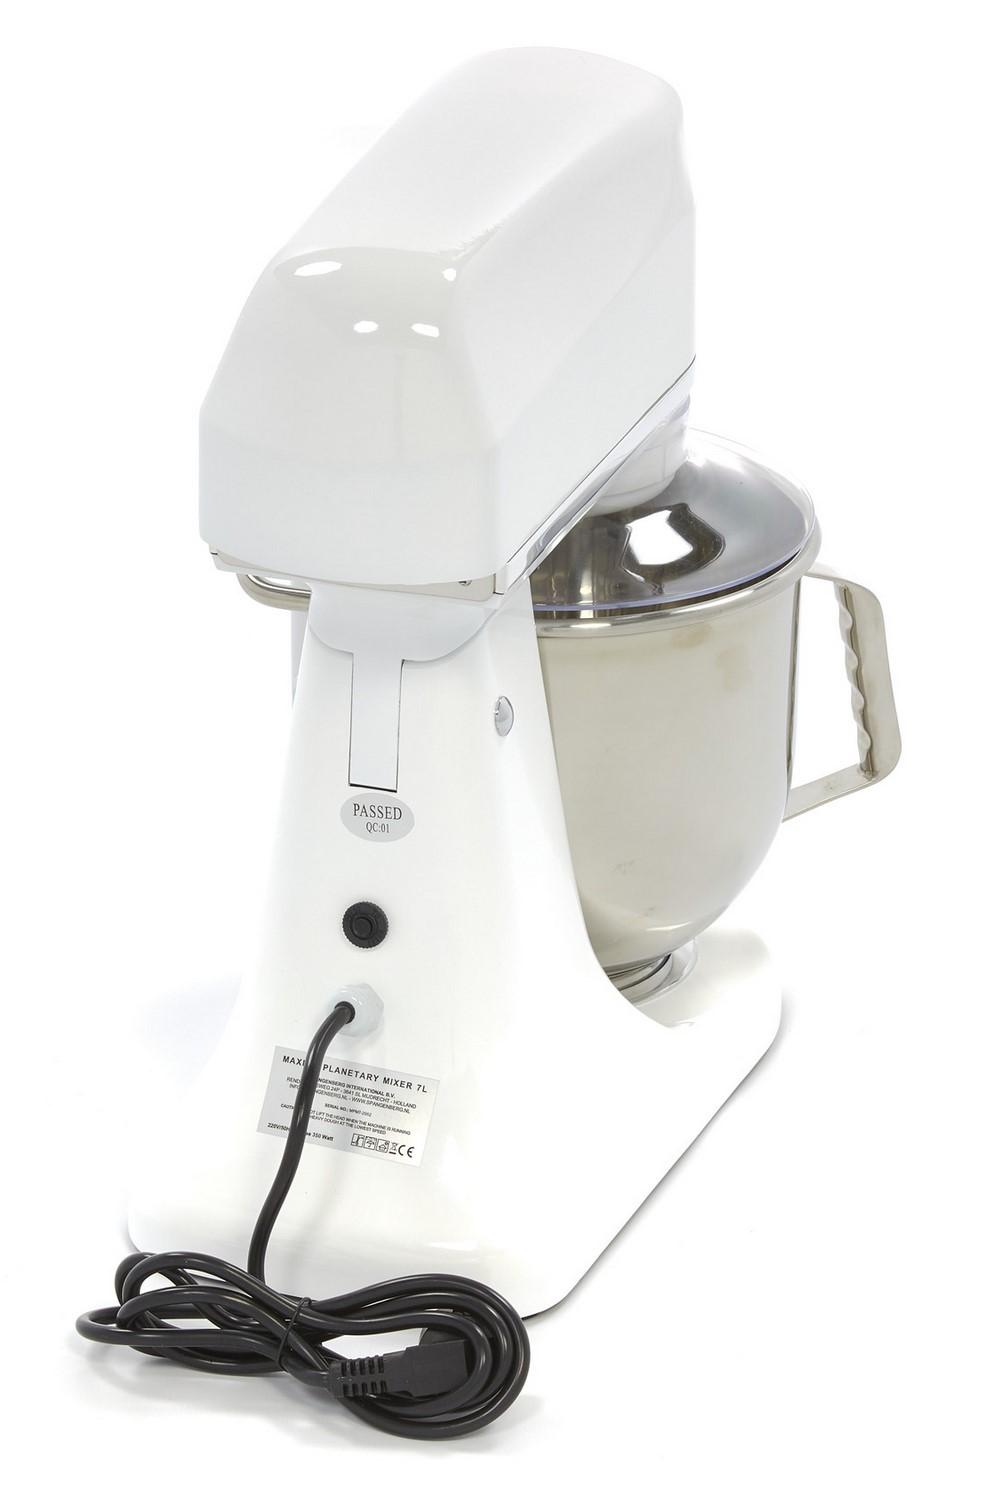 epaggelmatiko-mixer-zaxaroplastikis-7lt-aspro-genikoemporio-zagorianos-5